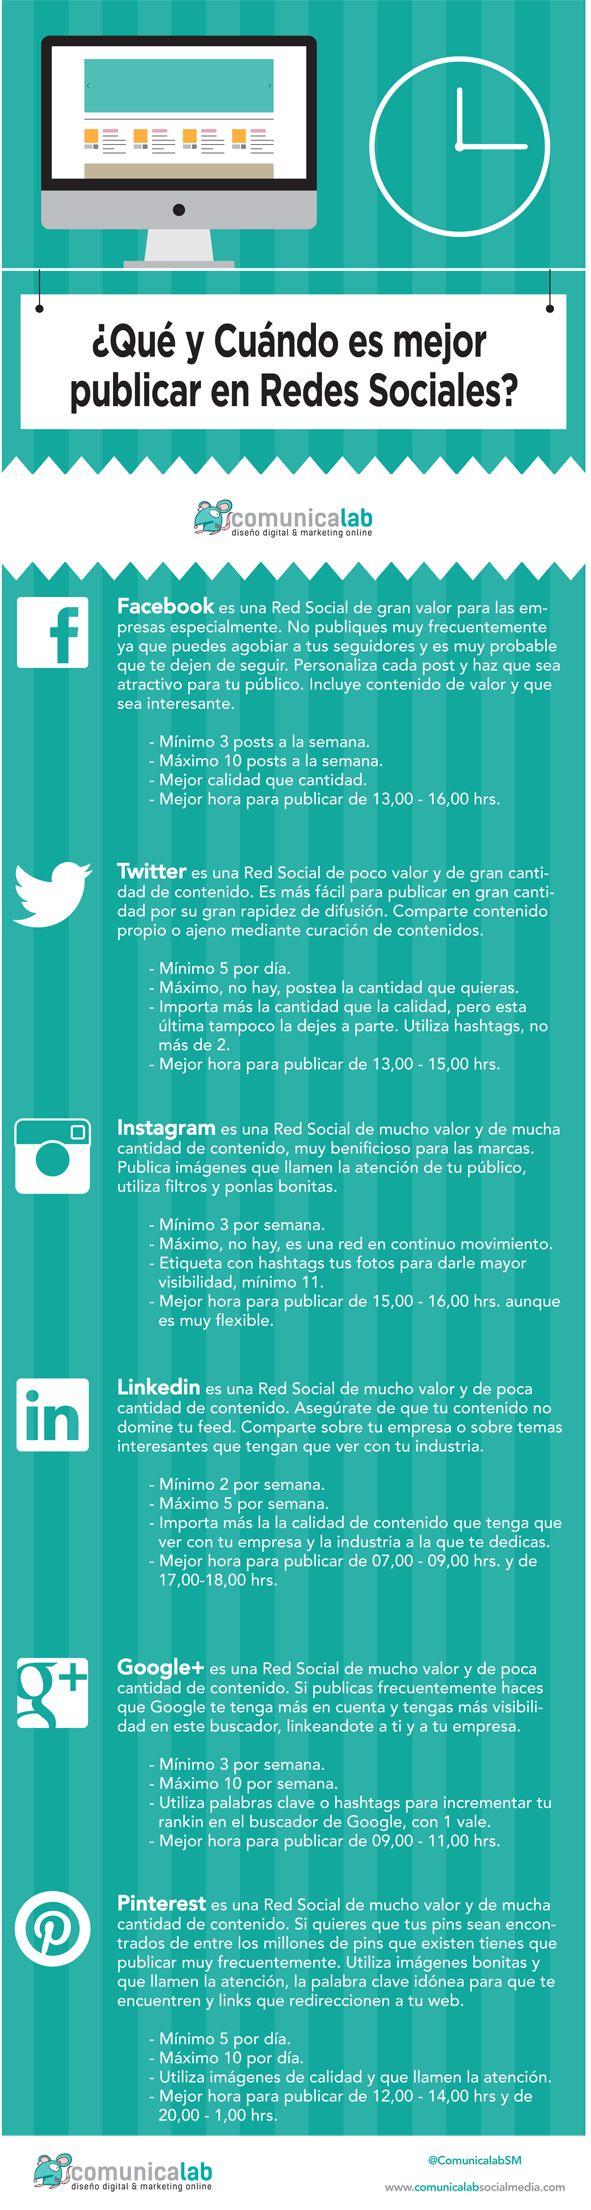 Infografía: Tips para los que empiezan en el mundo de las Redes Sociales de qué y cuando publicar en Redes Sociales